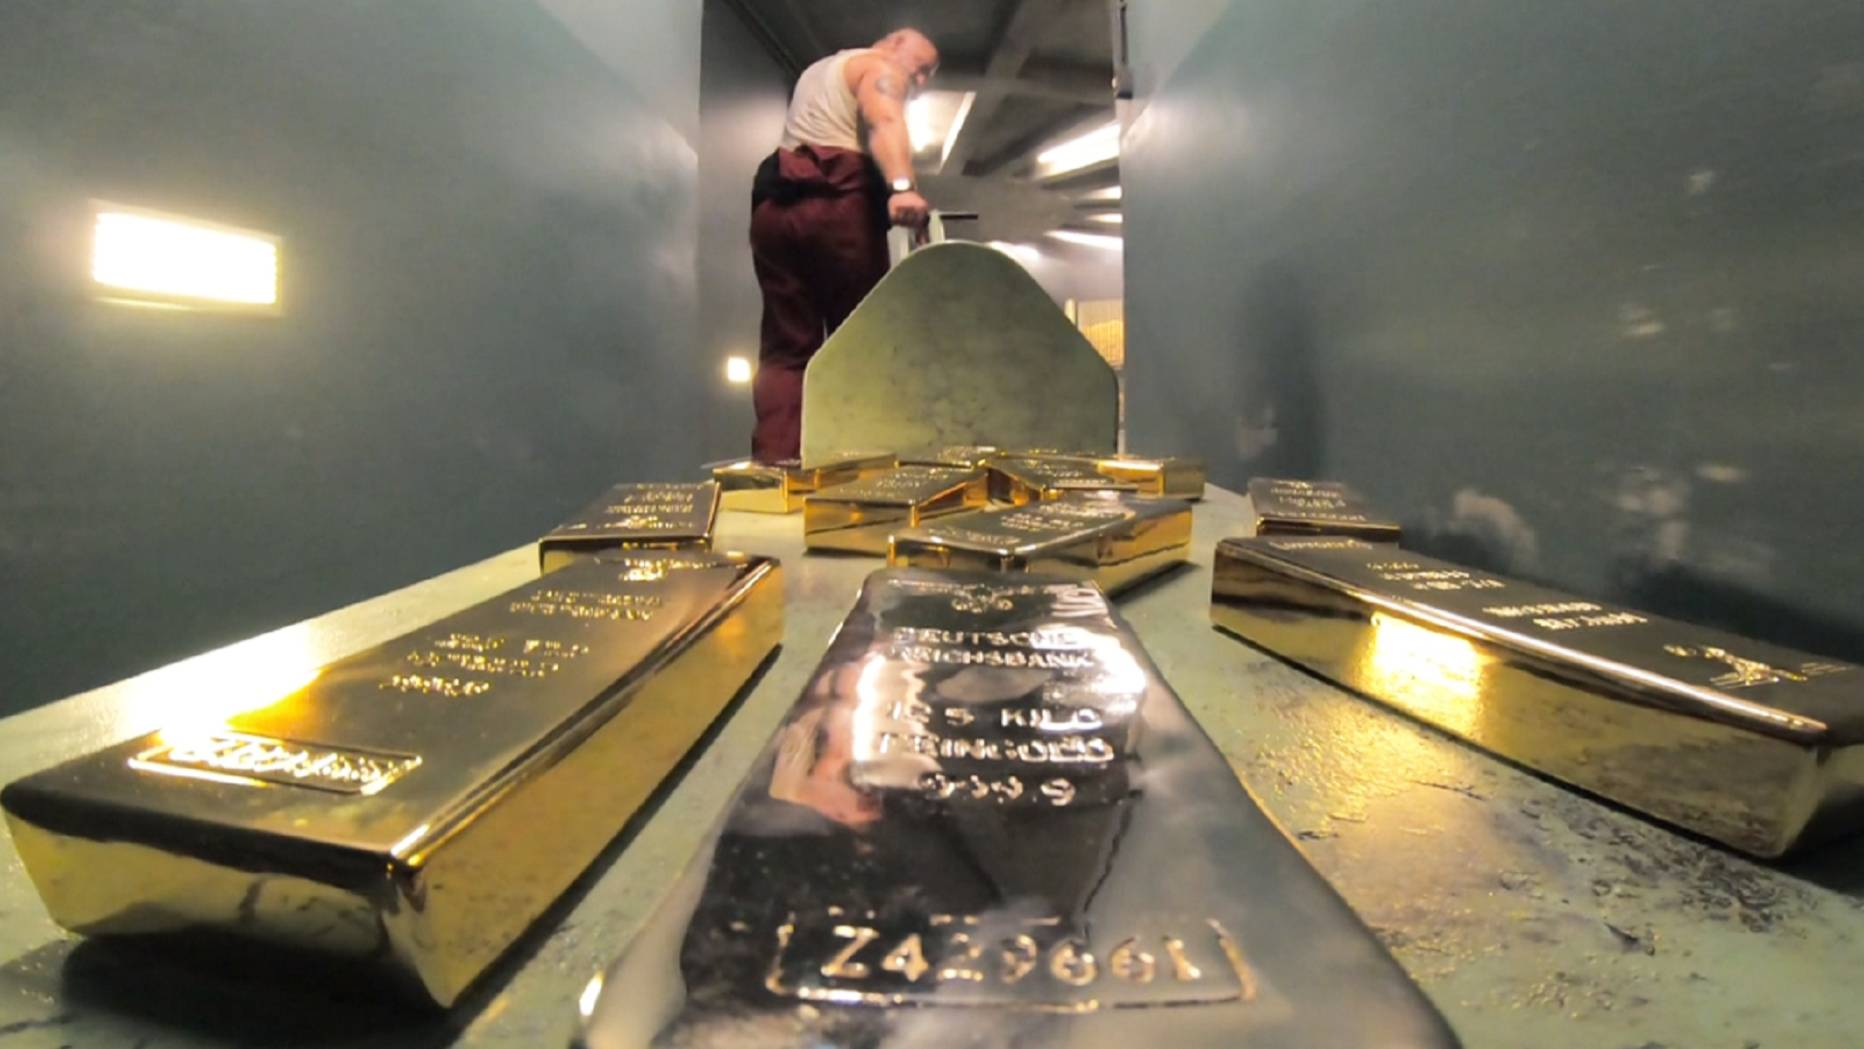 劫匪将黄金熔成铜条,当做建筑废料,从警察眼前运走